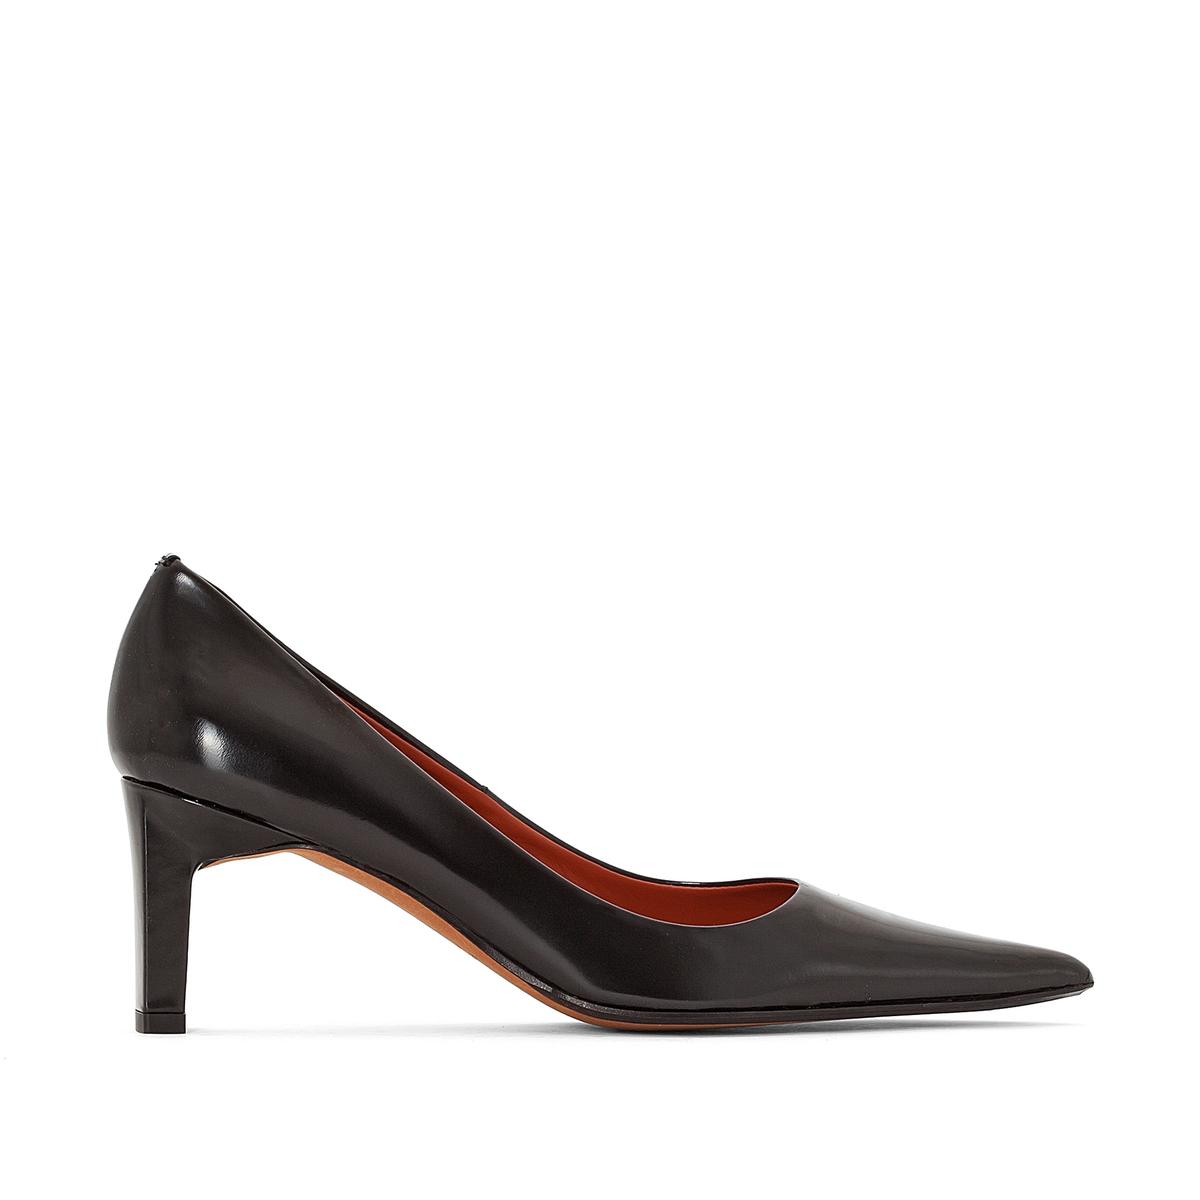 цены на Туфли кожаные на каблуке, KENT в интернет-магазинах